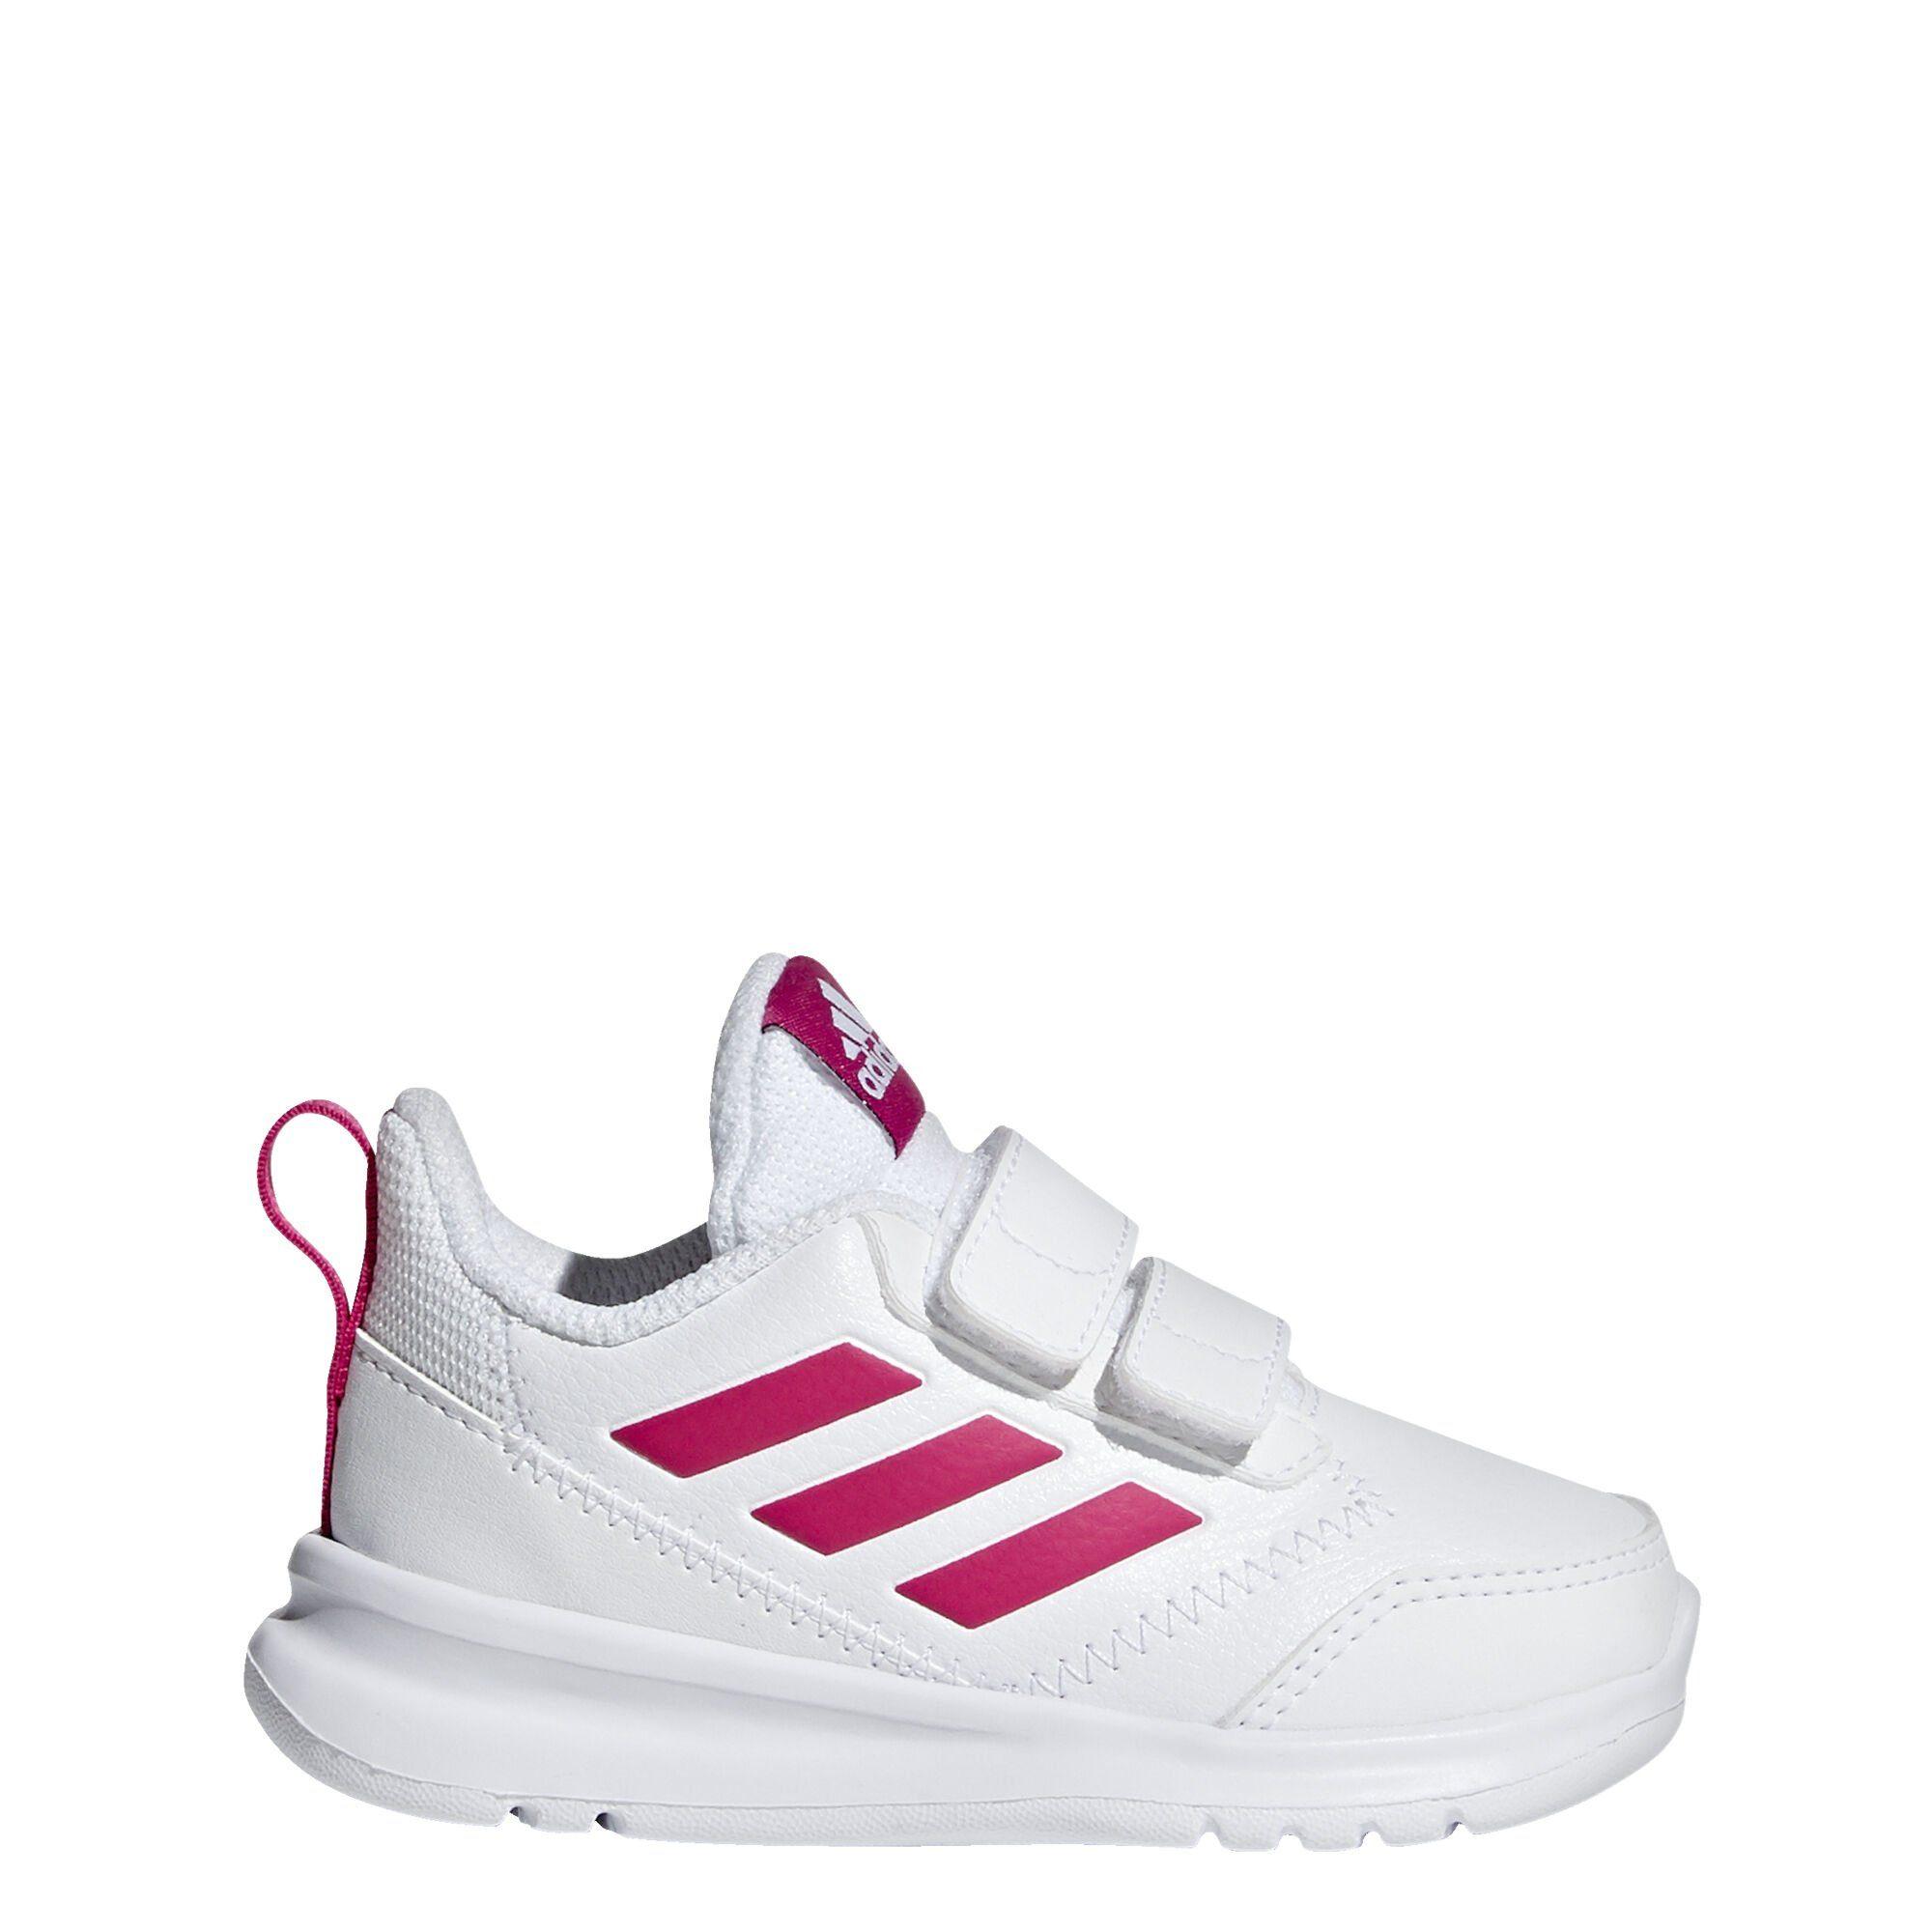 adidas Performance »AltaRun Schuh« Trainingsschuh Trainingsschuh online kaufen | OTTO